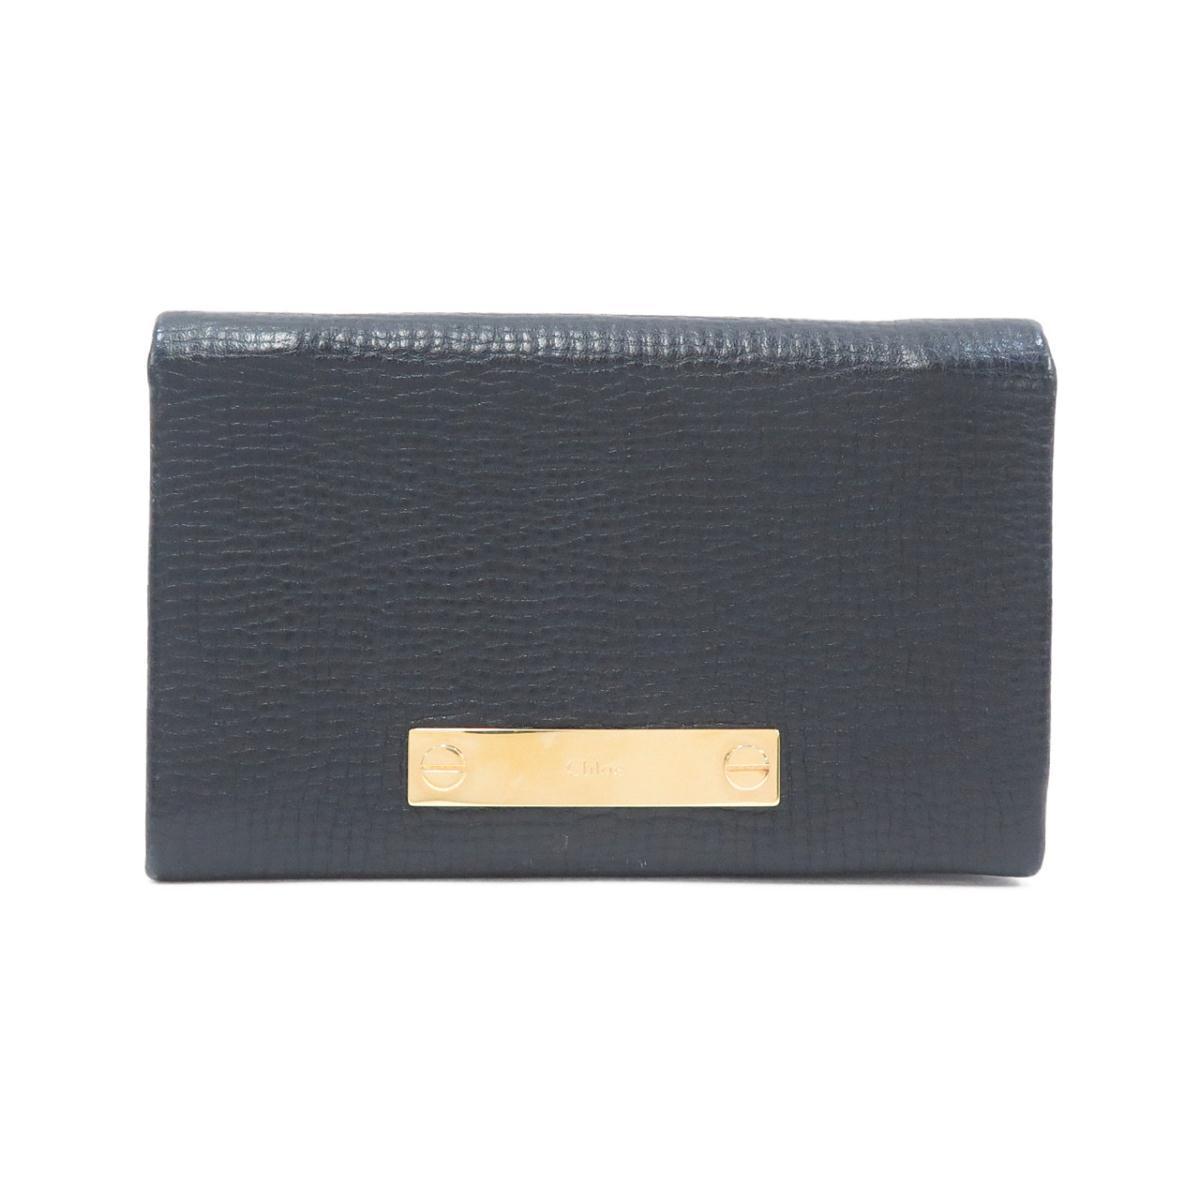 クロエ 財布 3P0745【中古】